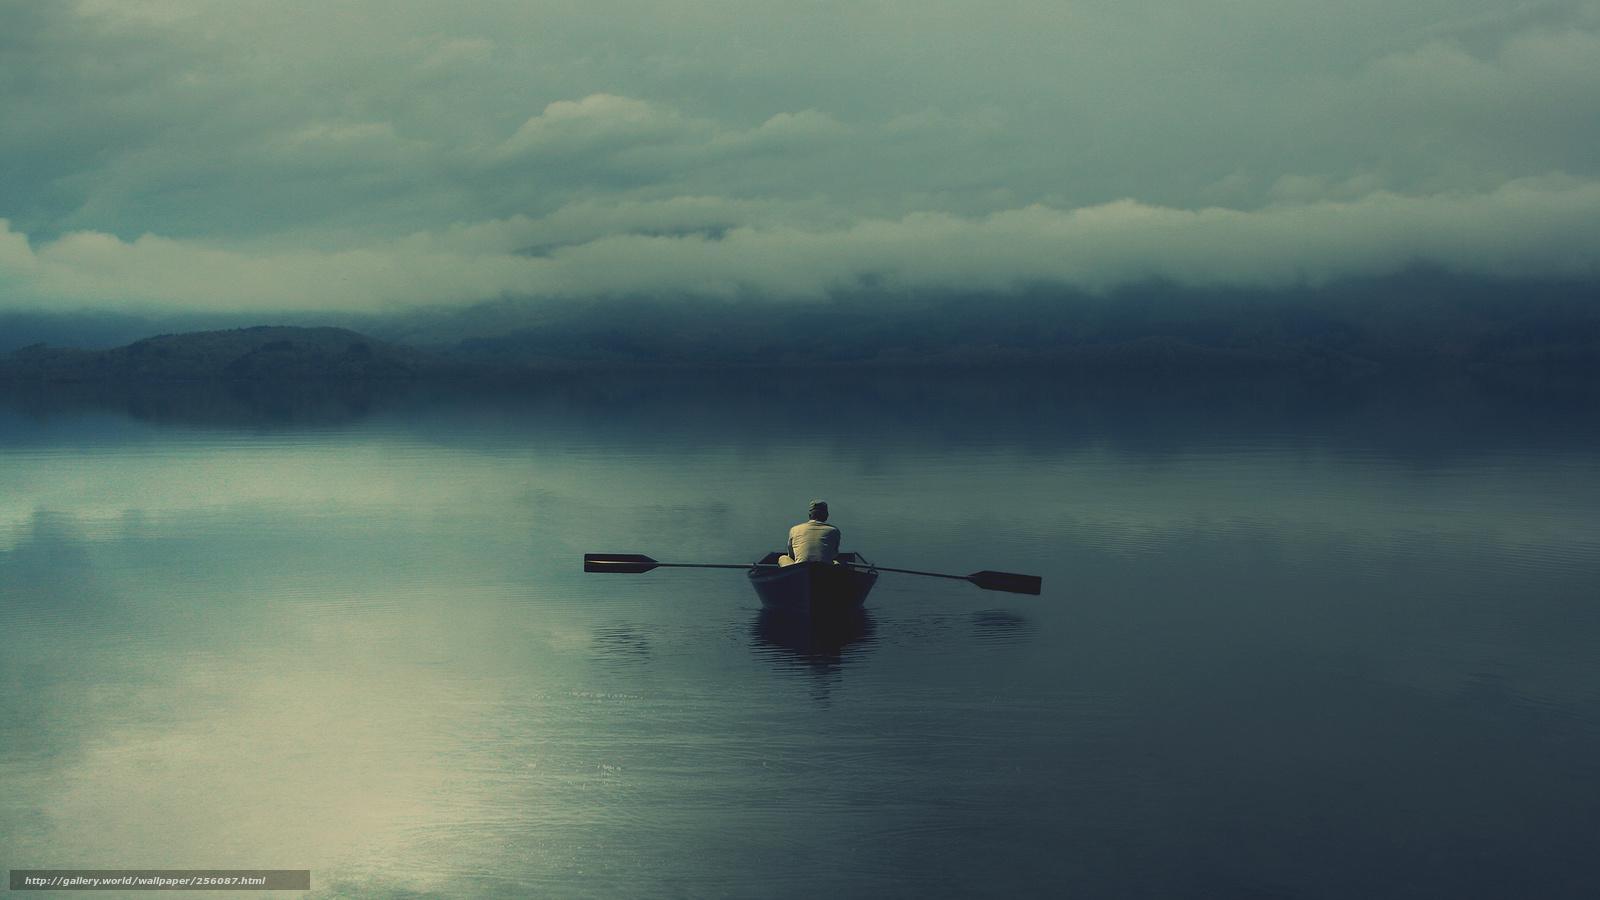 лодки в области морю плывут народ веслами гребут картинки